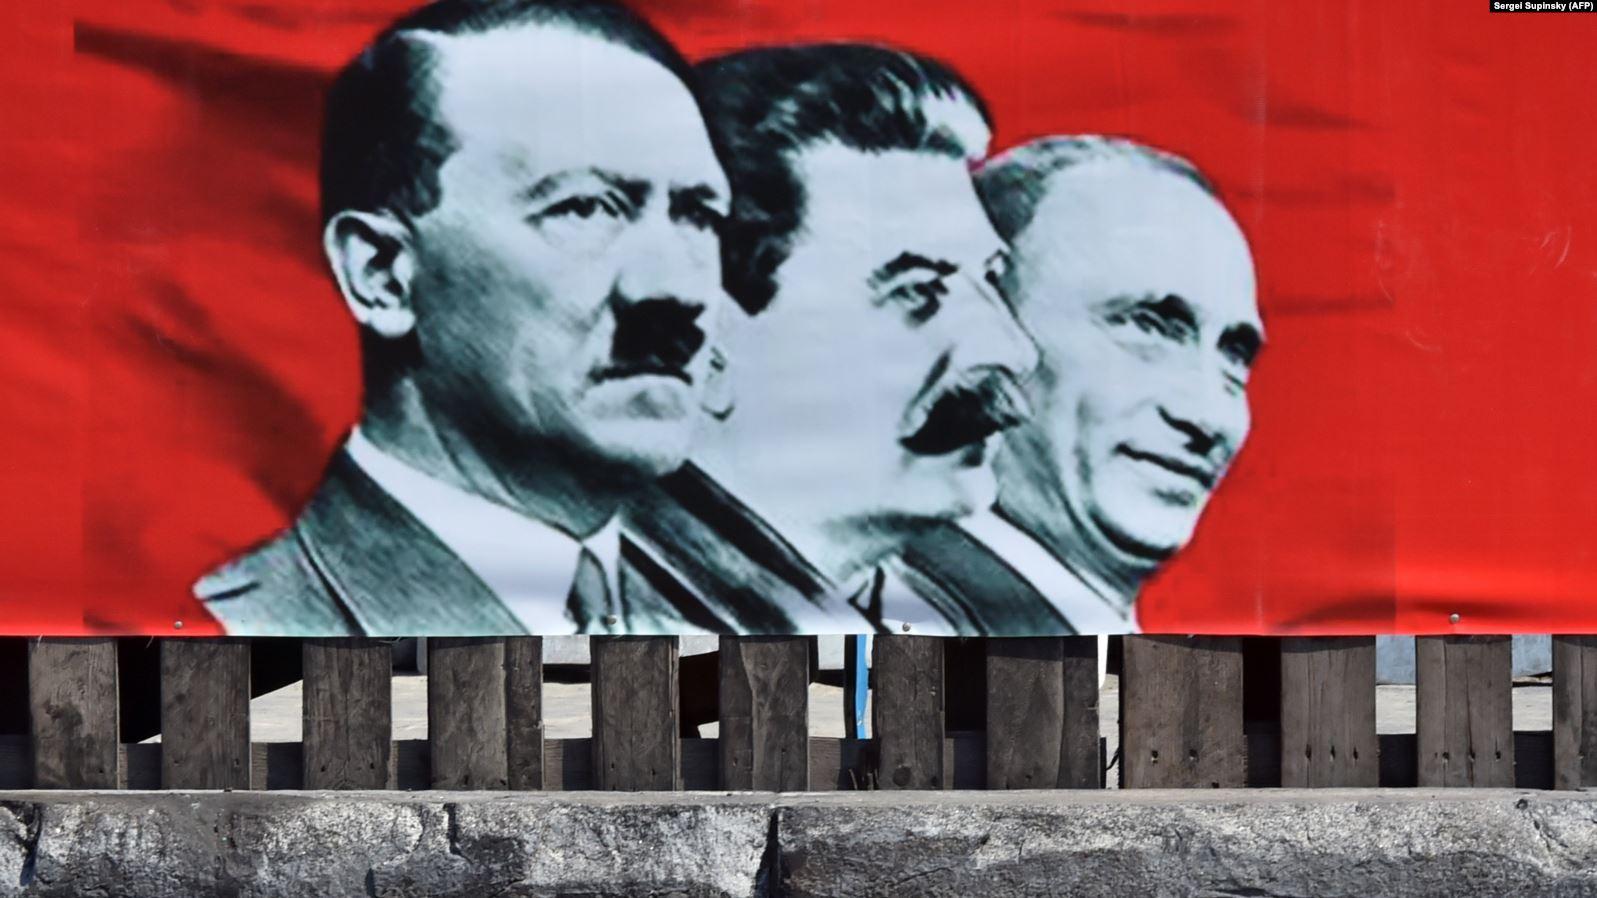 """Общий смысл политики Путина и Гитлера: """"Благие намерения"""" как оправдание аннексии чужих земель"""